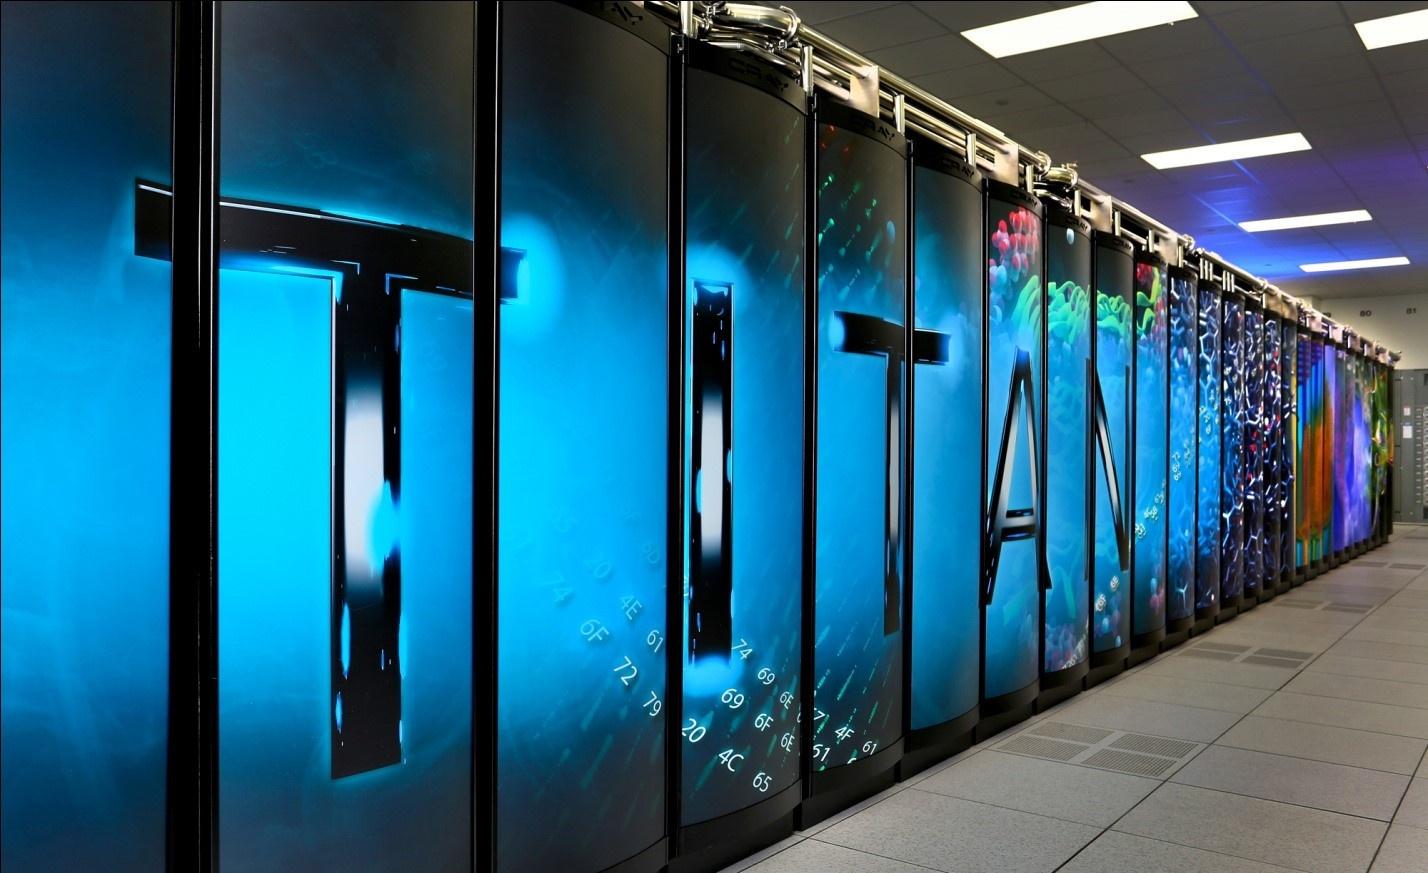 Китай сделал новый ход в гонке суперкомпьютеров - 2